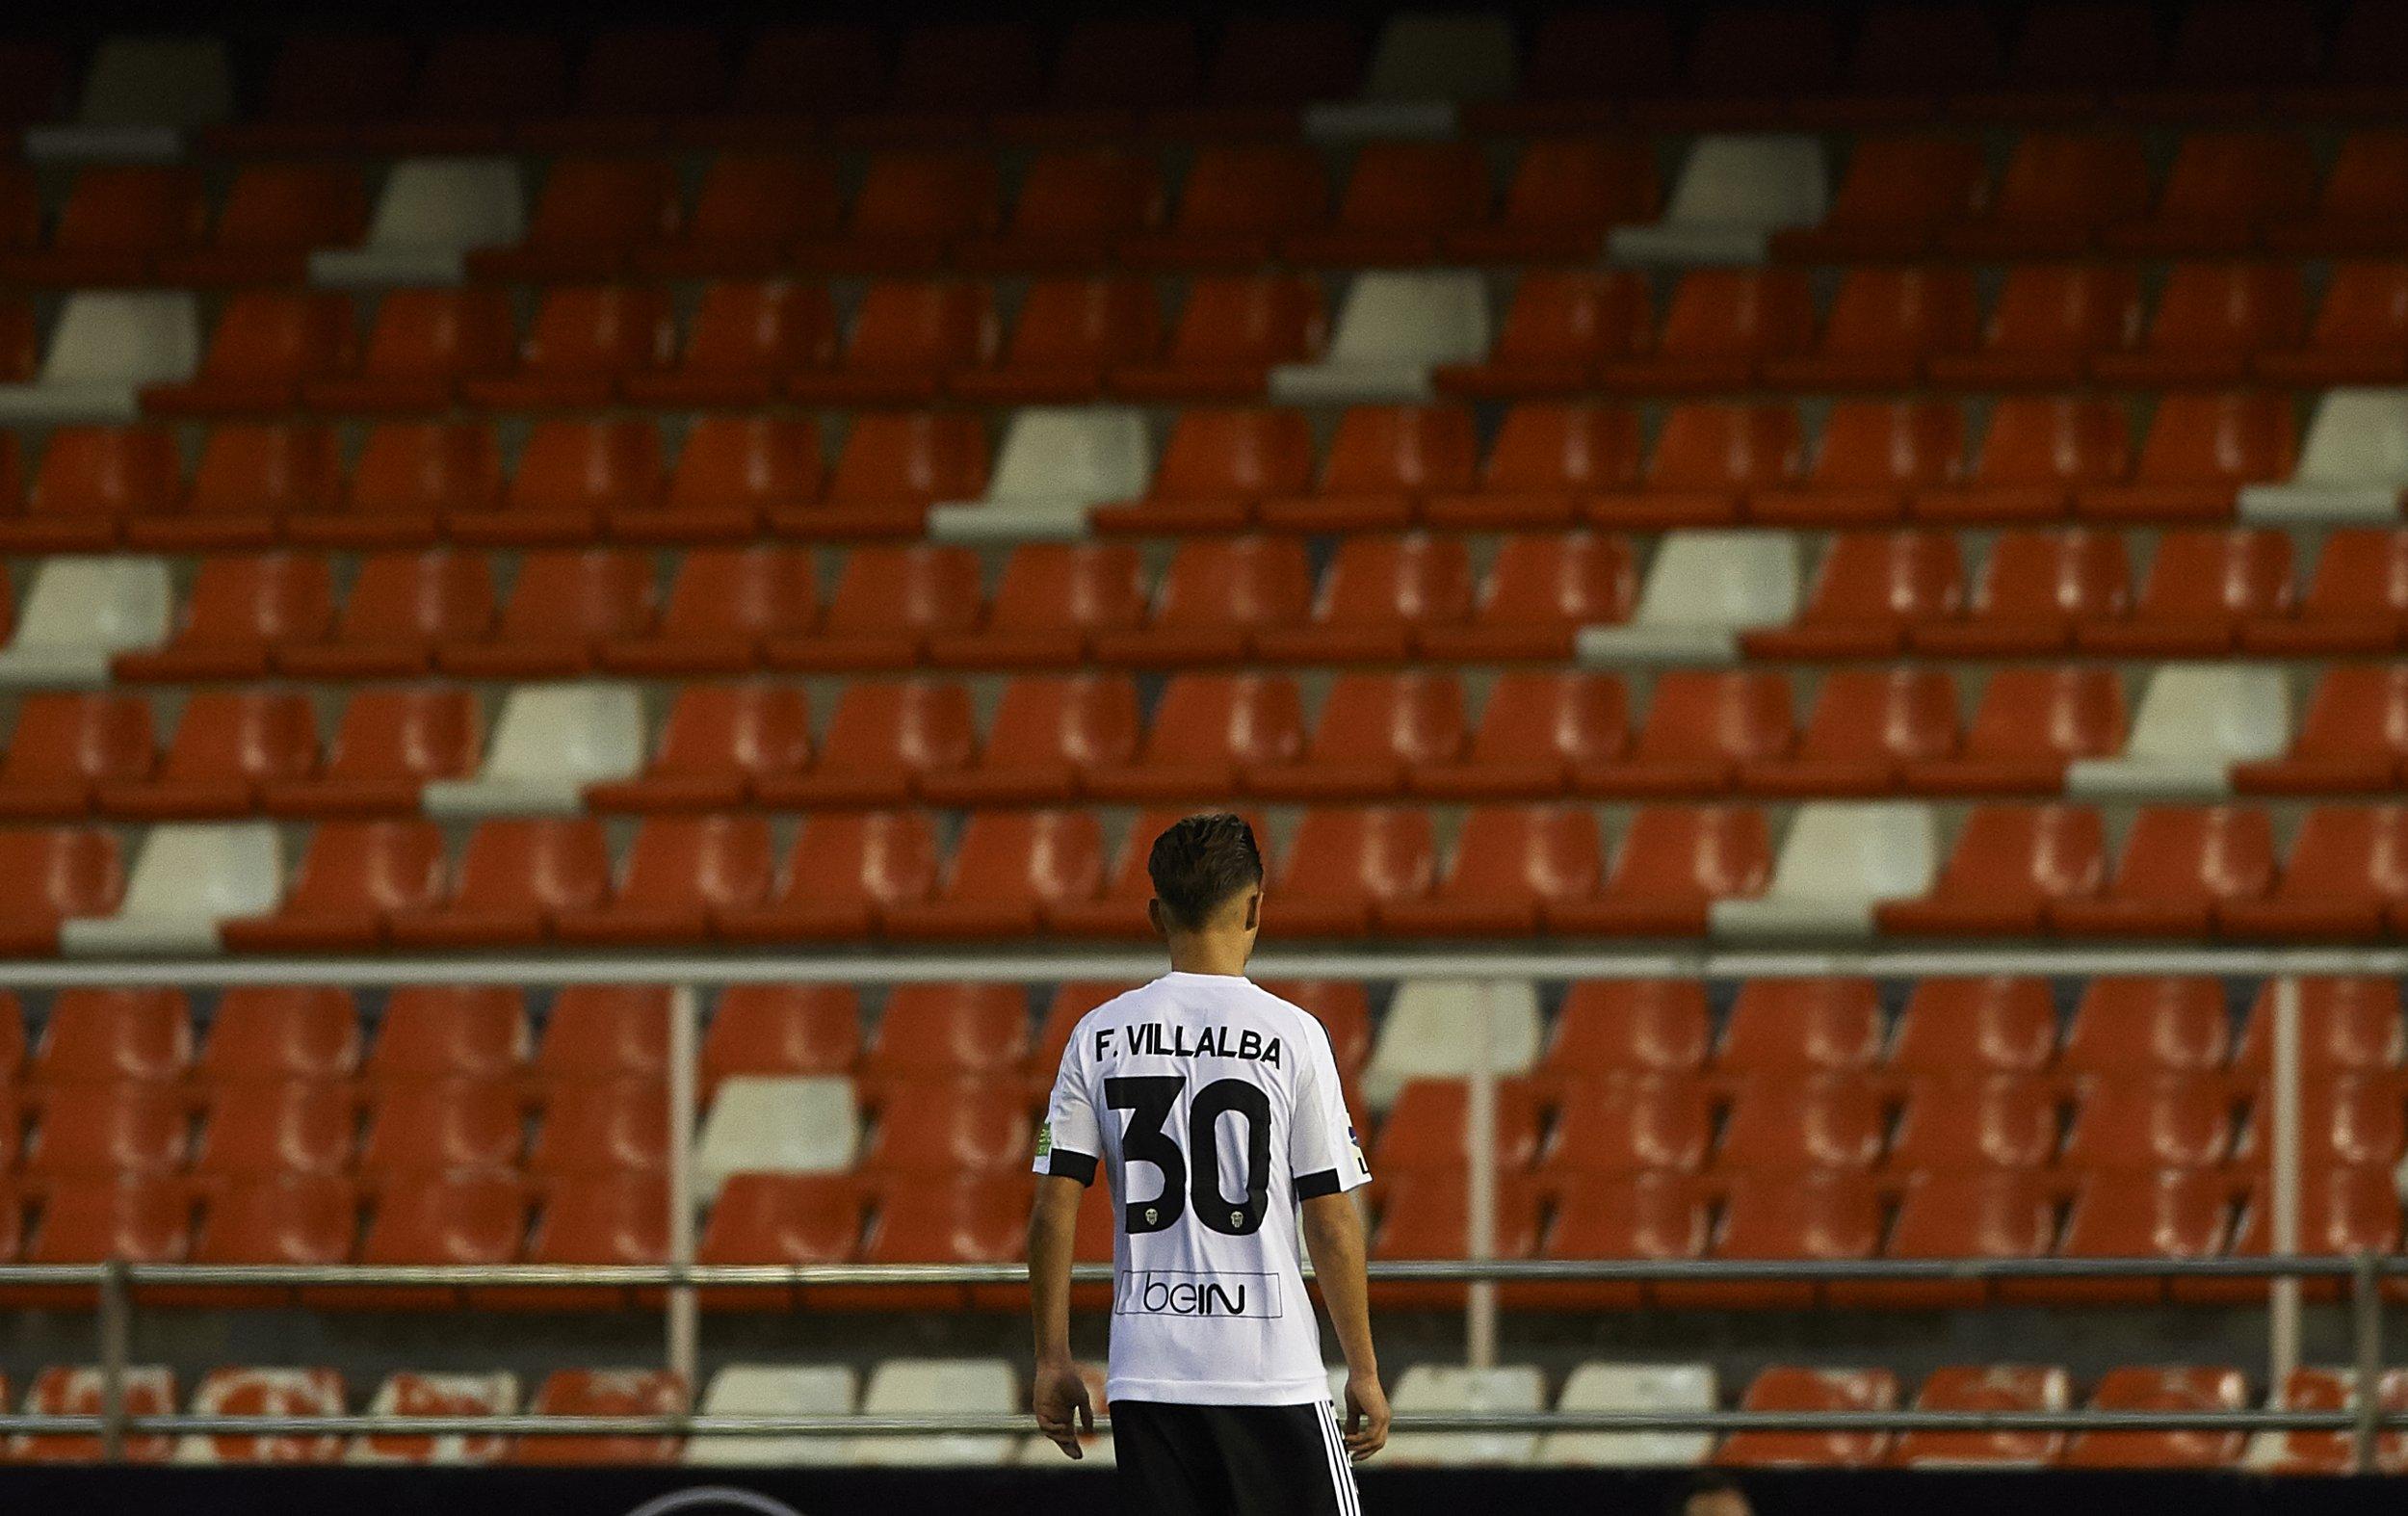 Valencia teenager Fran Villalba.